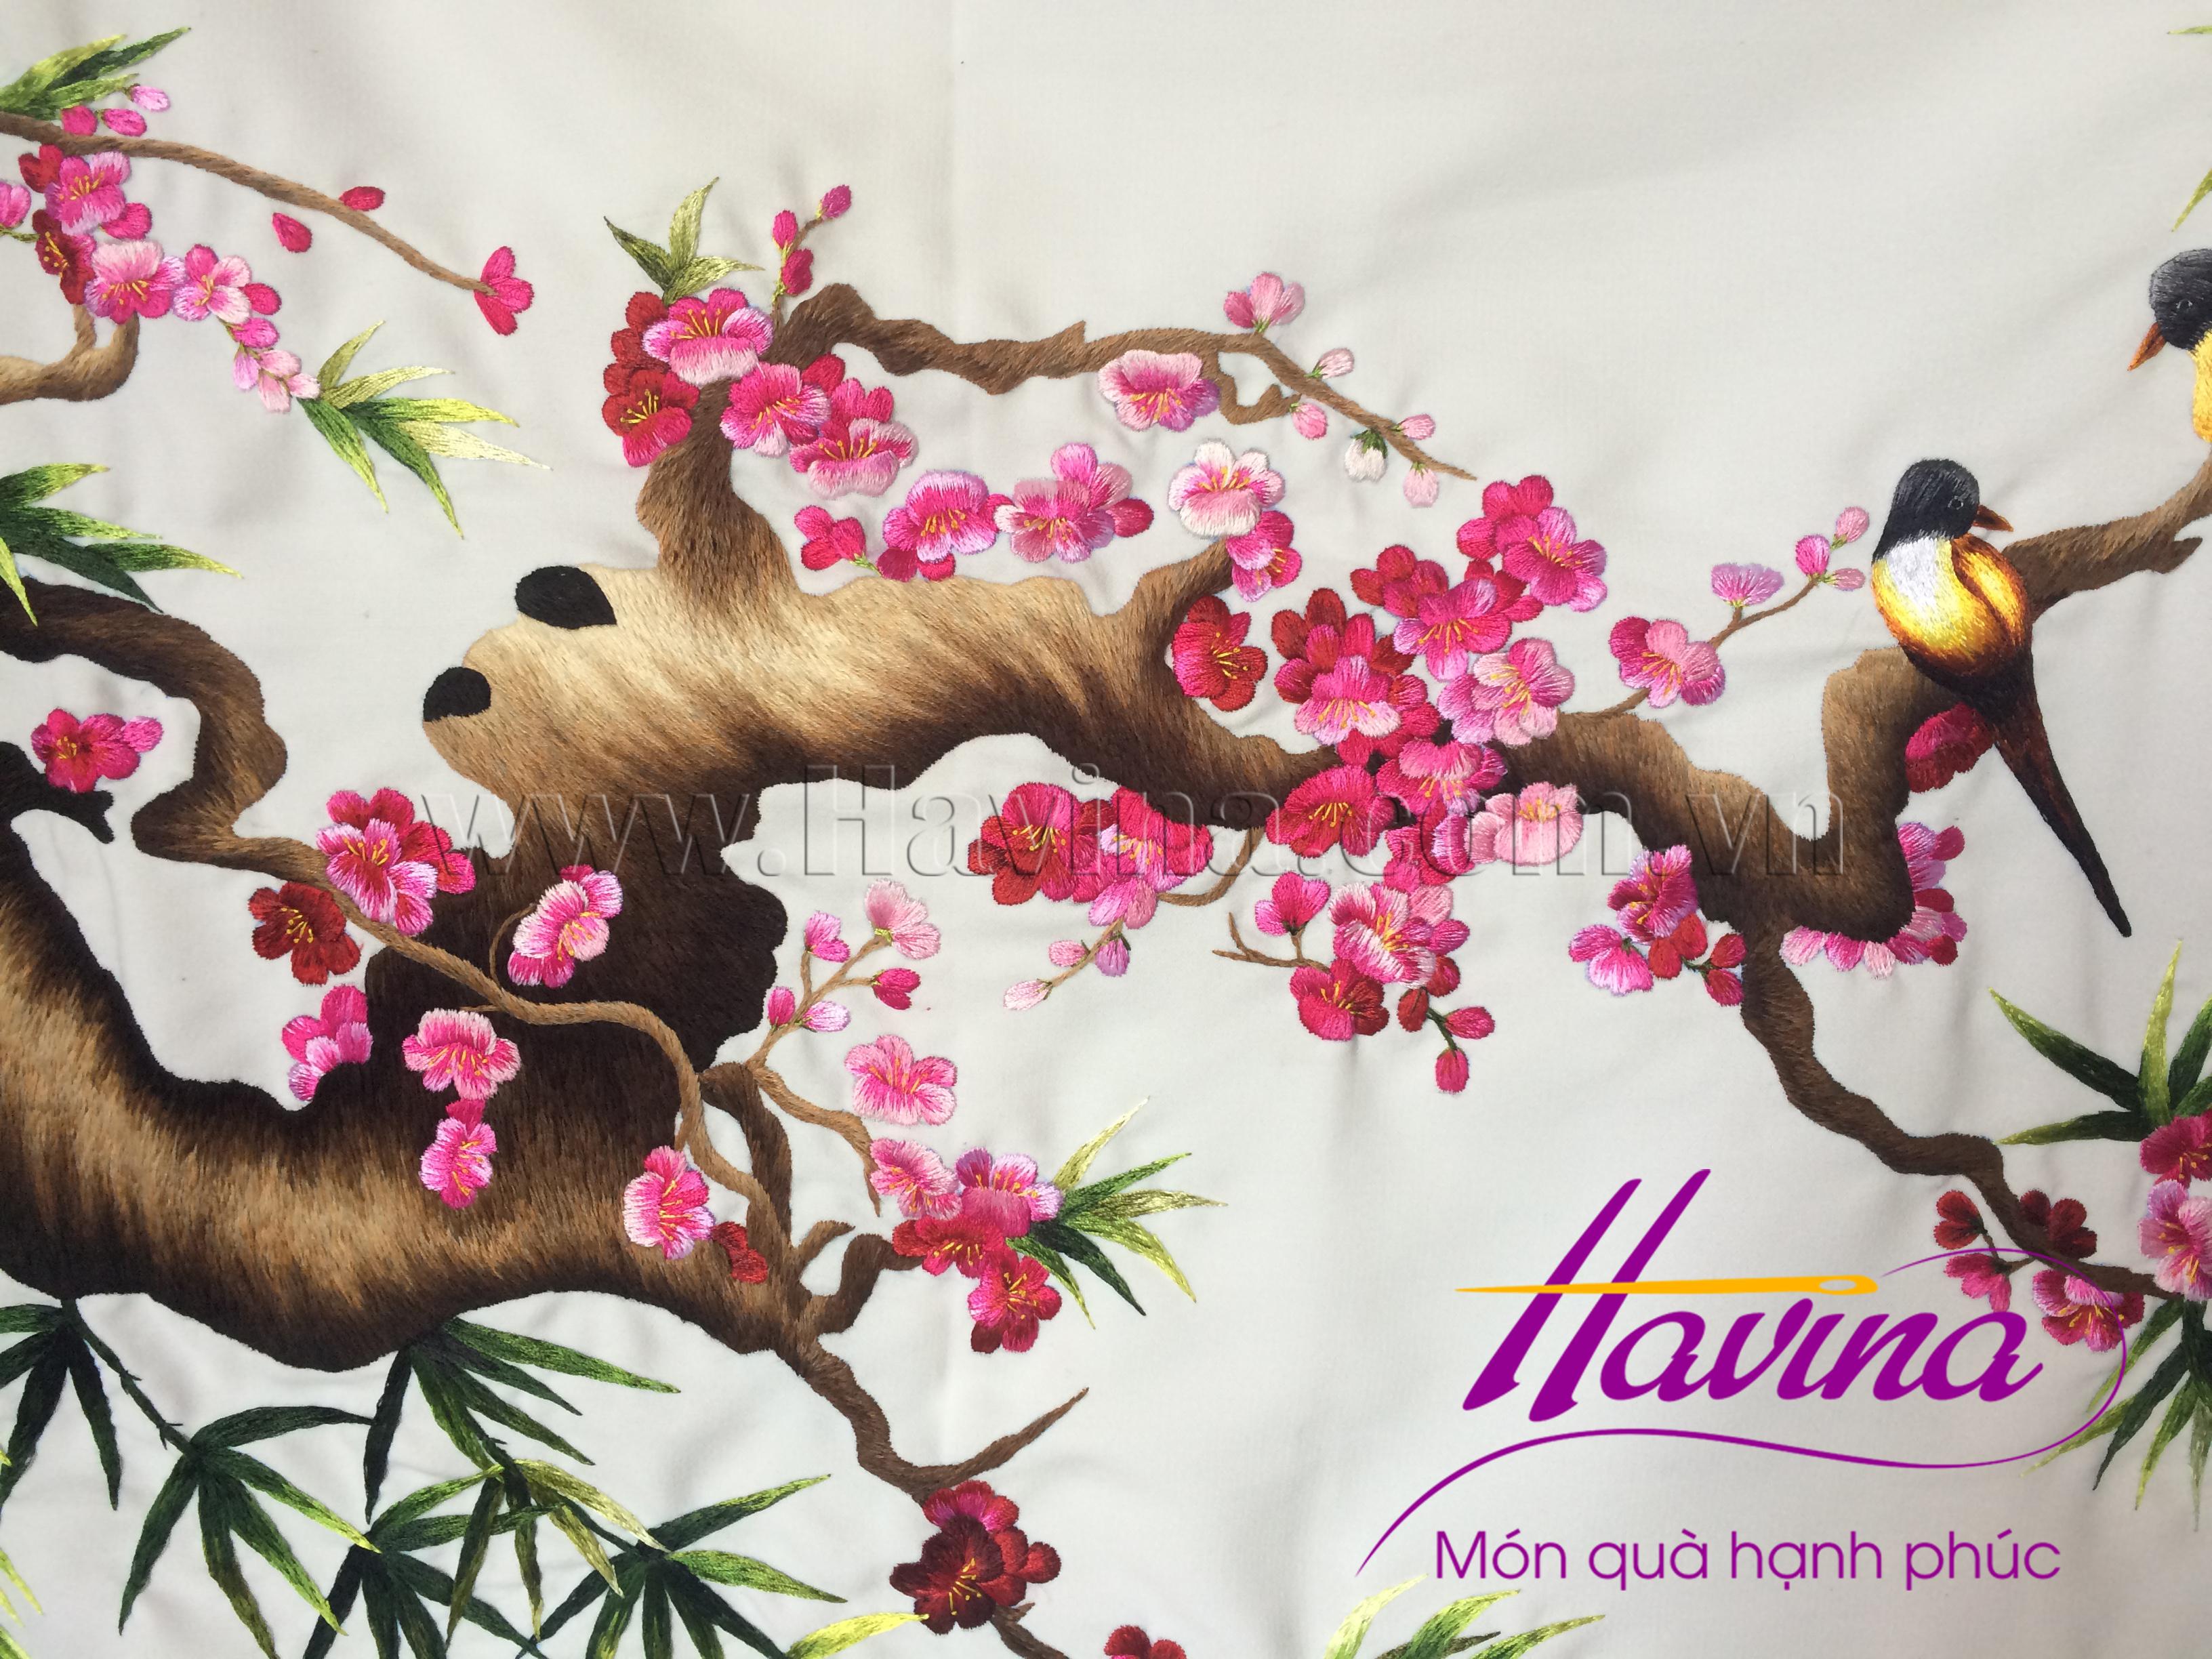 Nghệ nhân tranh thêu tay Huế thêu bức tranh thêu hoa đào